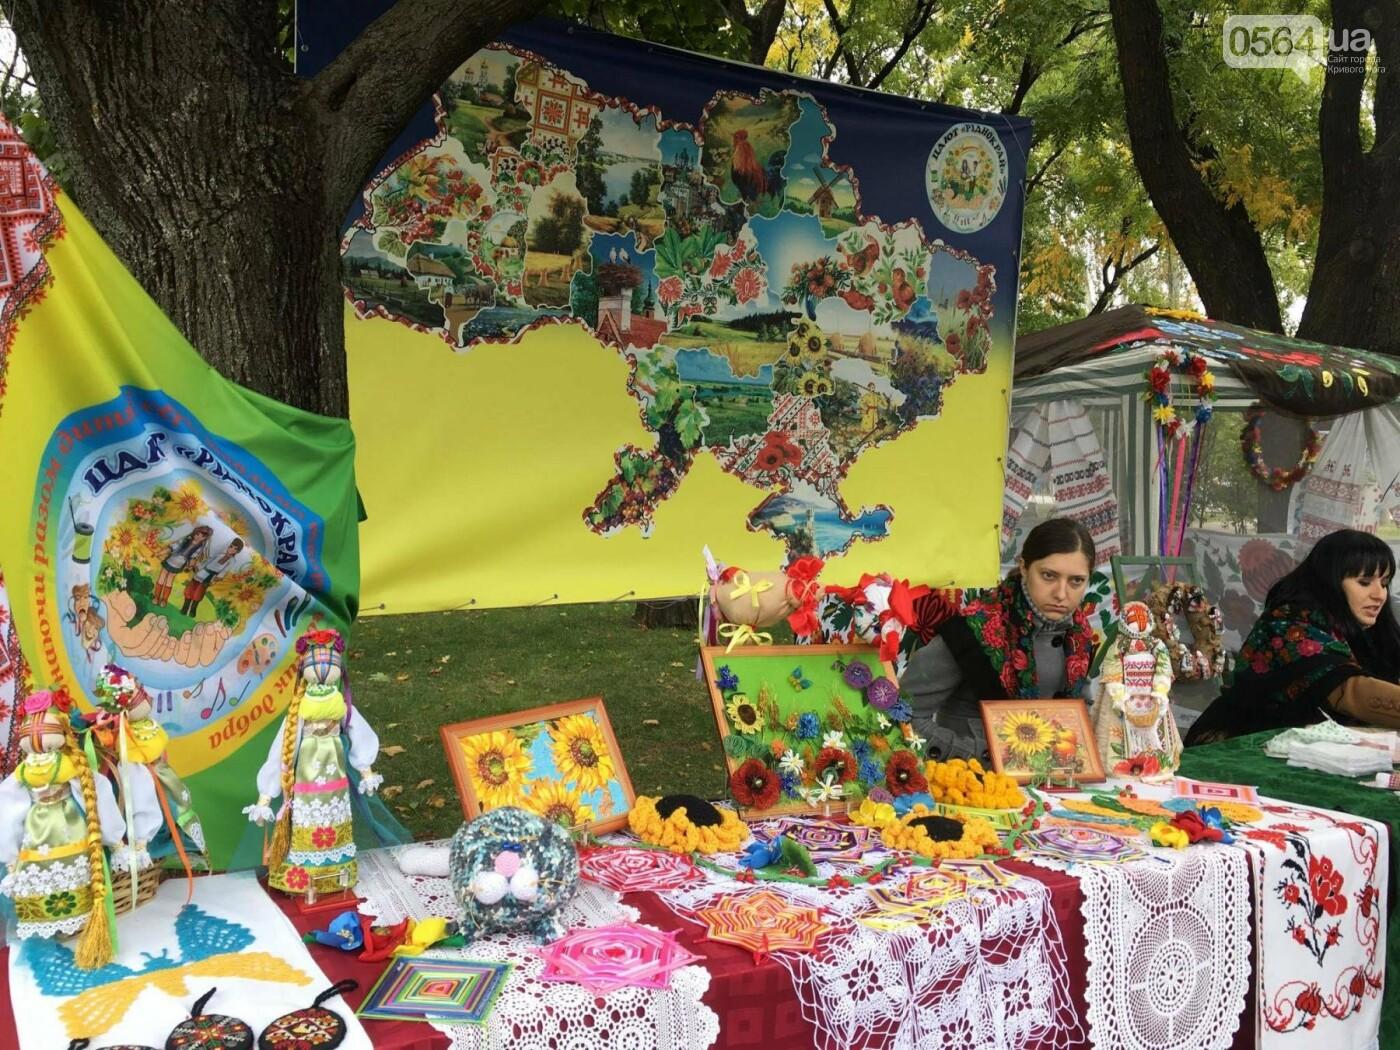 Тысячи криворожан отмечают День украинского козачества на Фестивале в парке Героев (ФОТО, ВИДЕО), фото-23